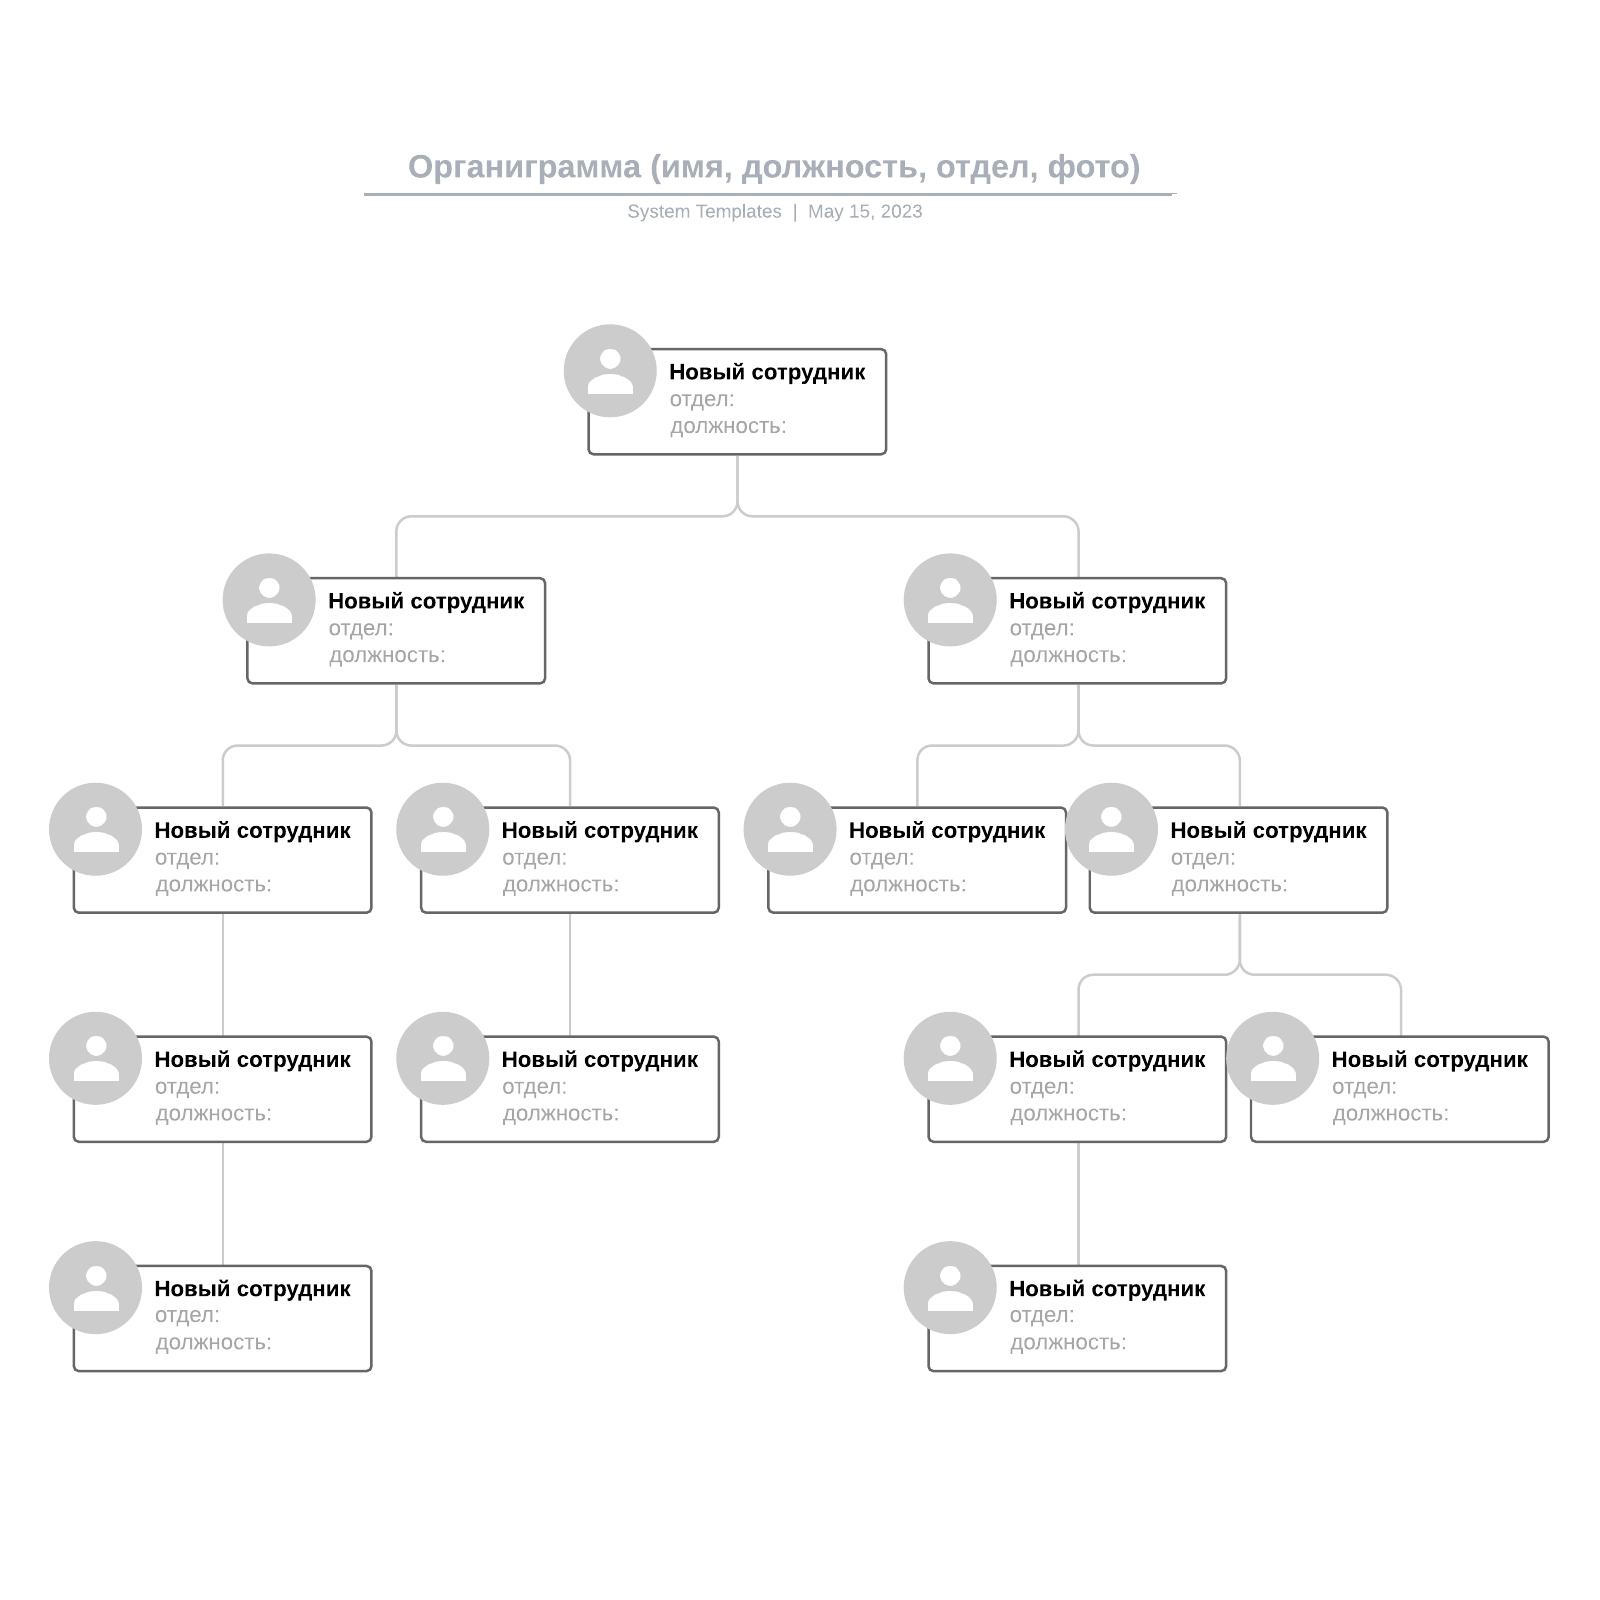 Органиграмма (имя, должность, отдел, фото)